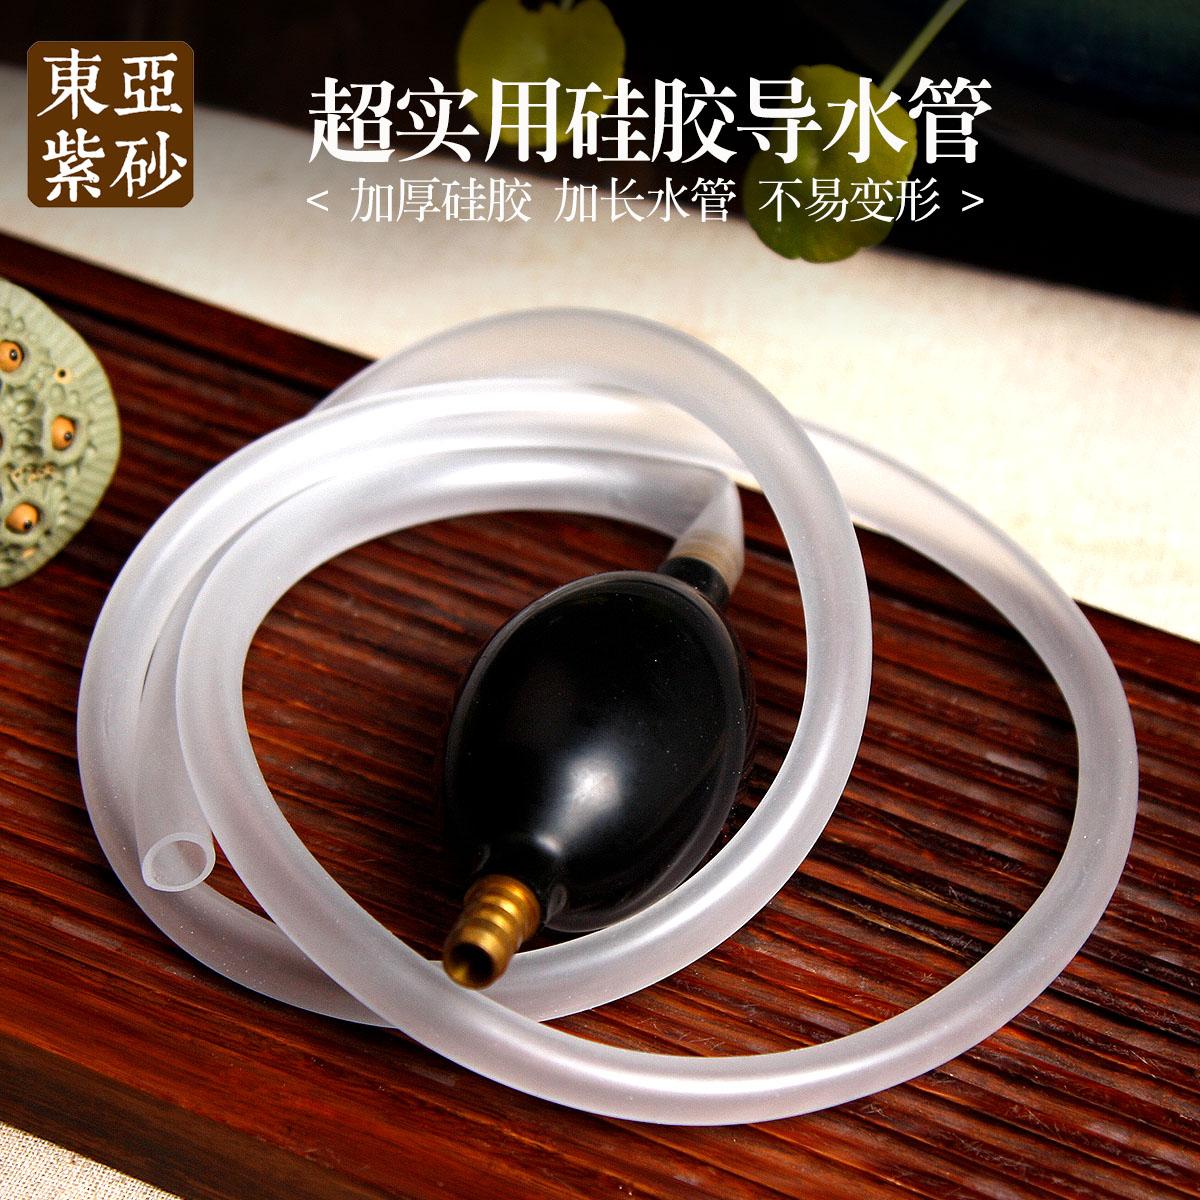 东亚宜兴紫砂茶盘茶海茶具2980